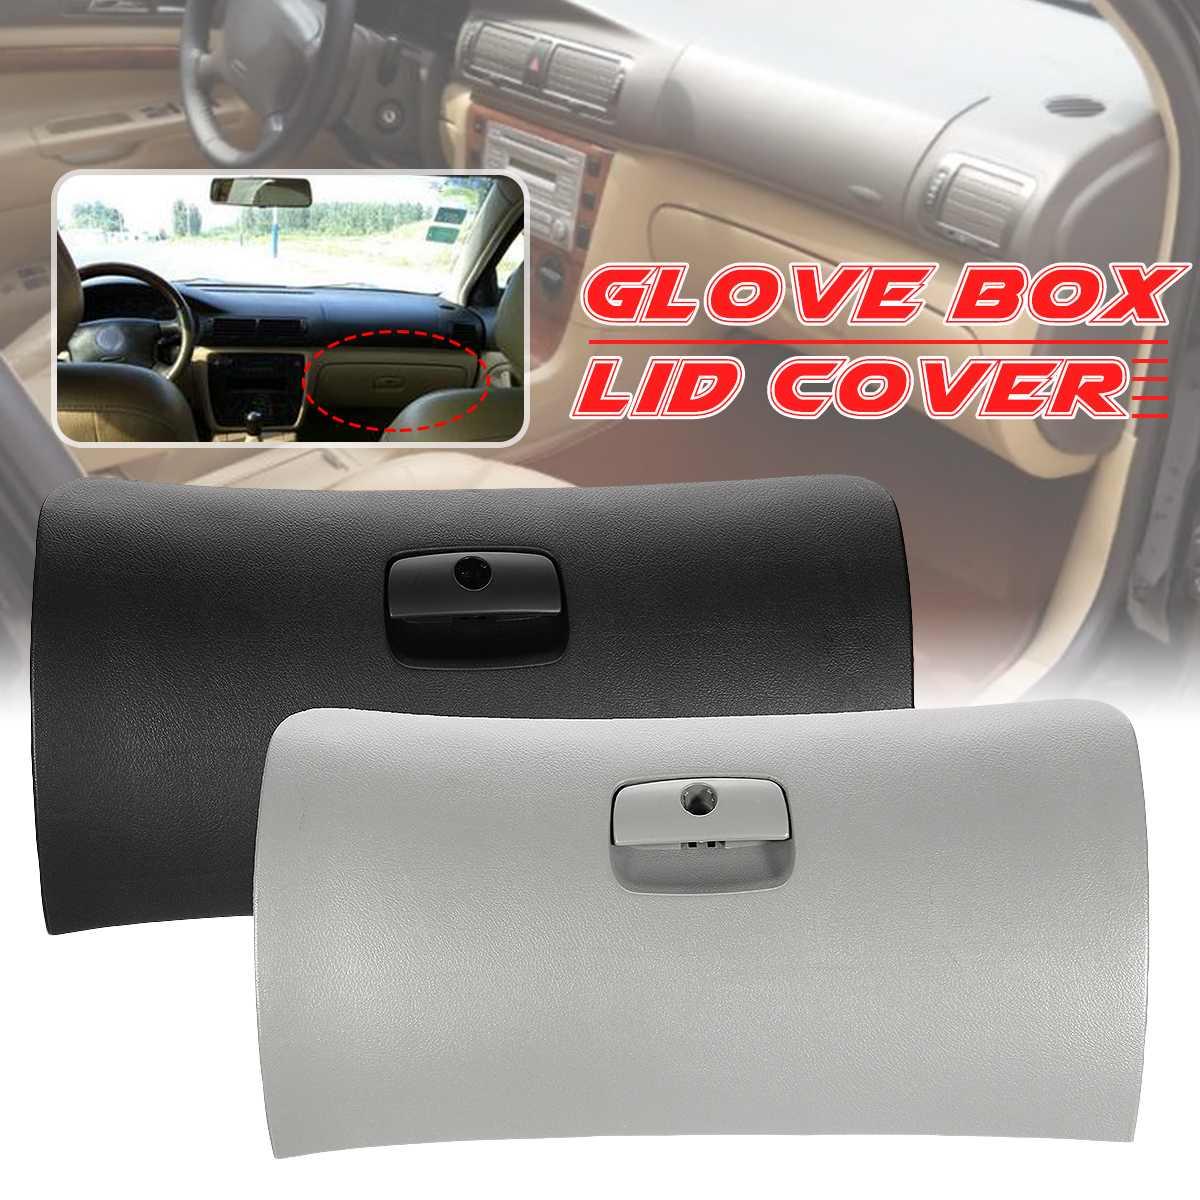 Nouveau style de voiture Auto poignée couvercle couvercle Console de rangement boîte à gants couvercle de porte couvercle loquet pour Passat Estate B5 & B5.5 1997-2005